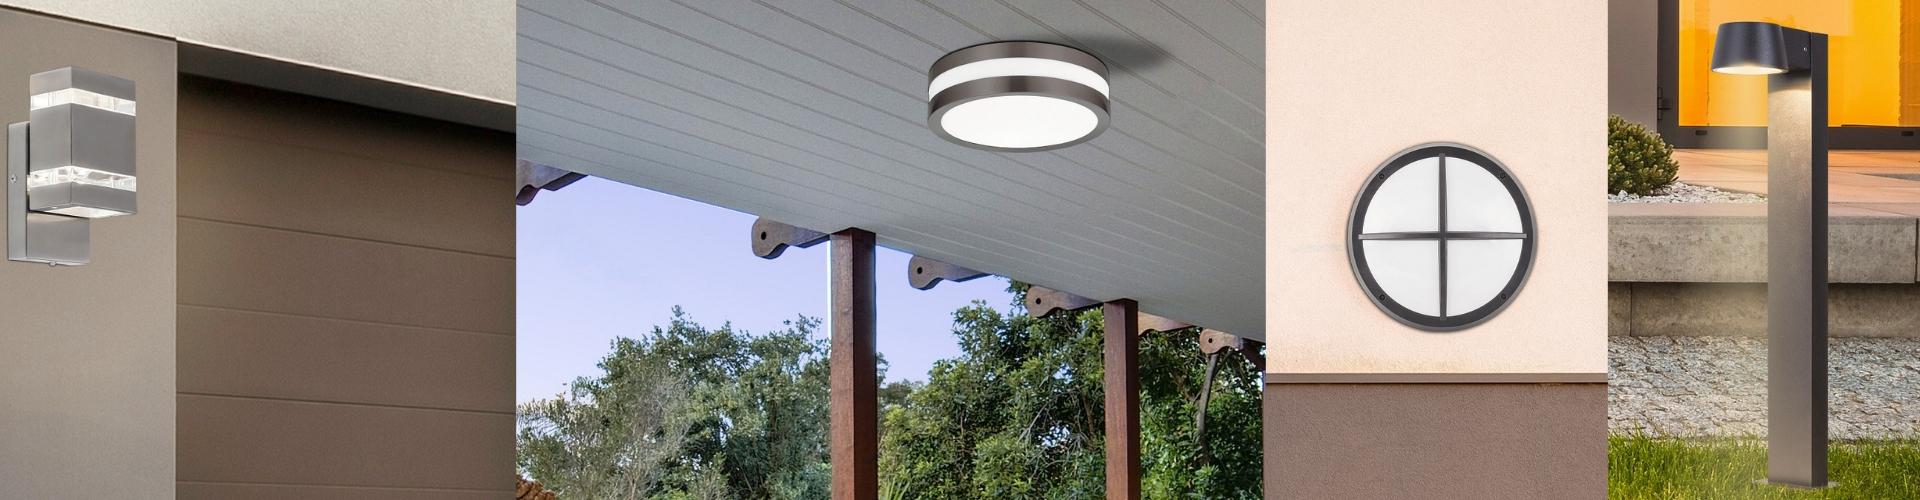 Vanjska LED rasvjeta